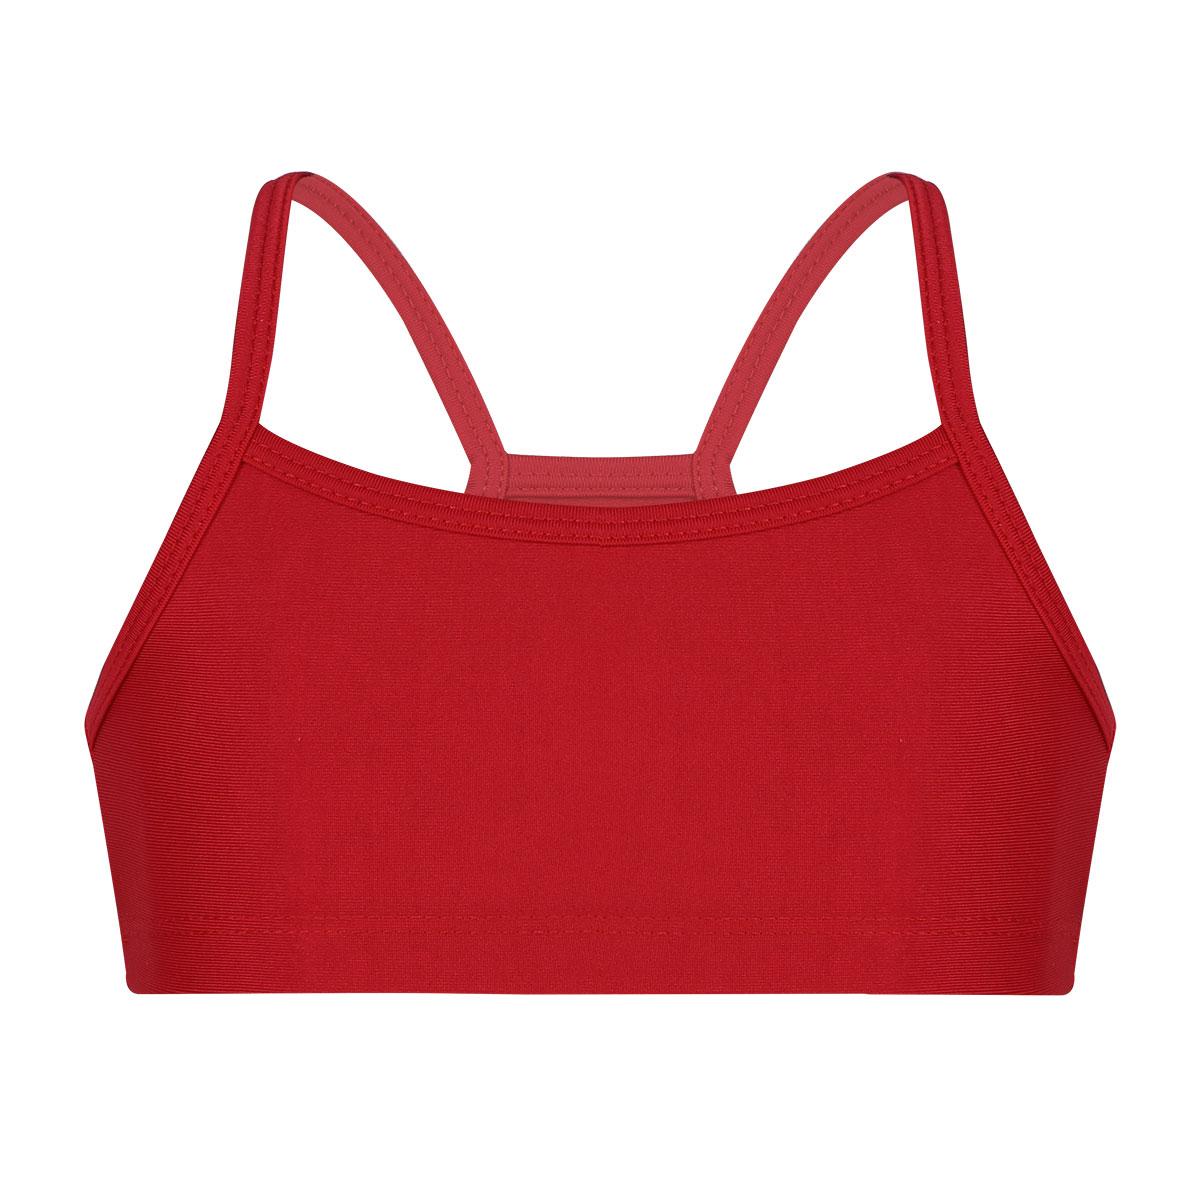 sujetador-elastico-de-color-solido-para-ninas-top-corto-leotardos-de-gimnasia-camisetas-de-ballet-de-entrenamiento-puesta-en-escena-disfraz-de-baile